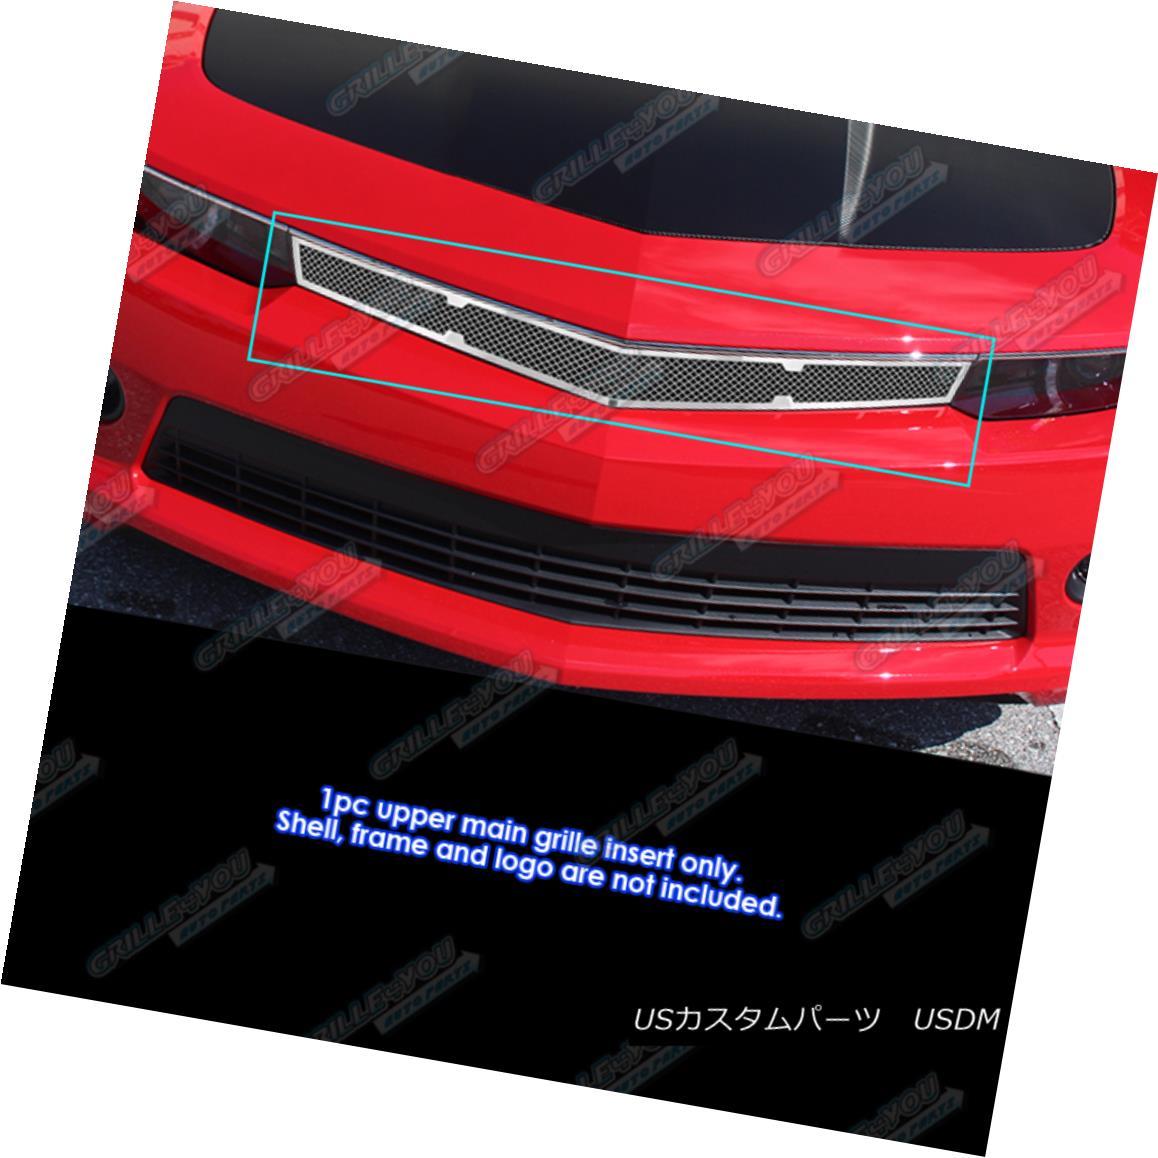 グリル Fits 2014-2015 Chevy Camaro SS/LT/LT With RS Package Stainless Mesh Grille フィット2014-2015シボレーカマロSS / LT / LT RSパッケージステンレスメッシュグリル